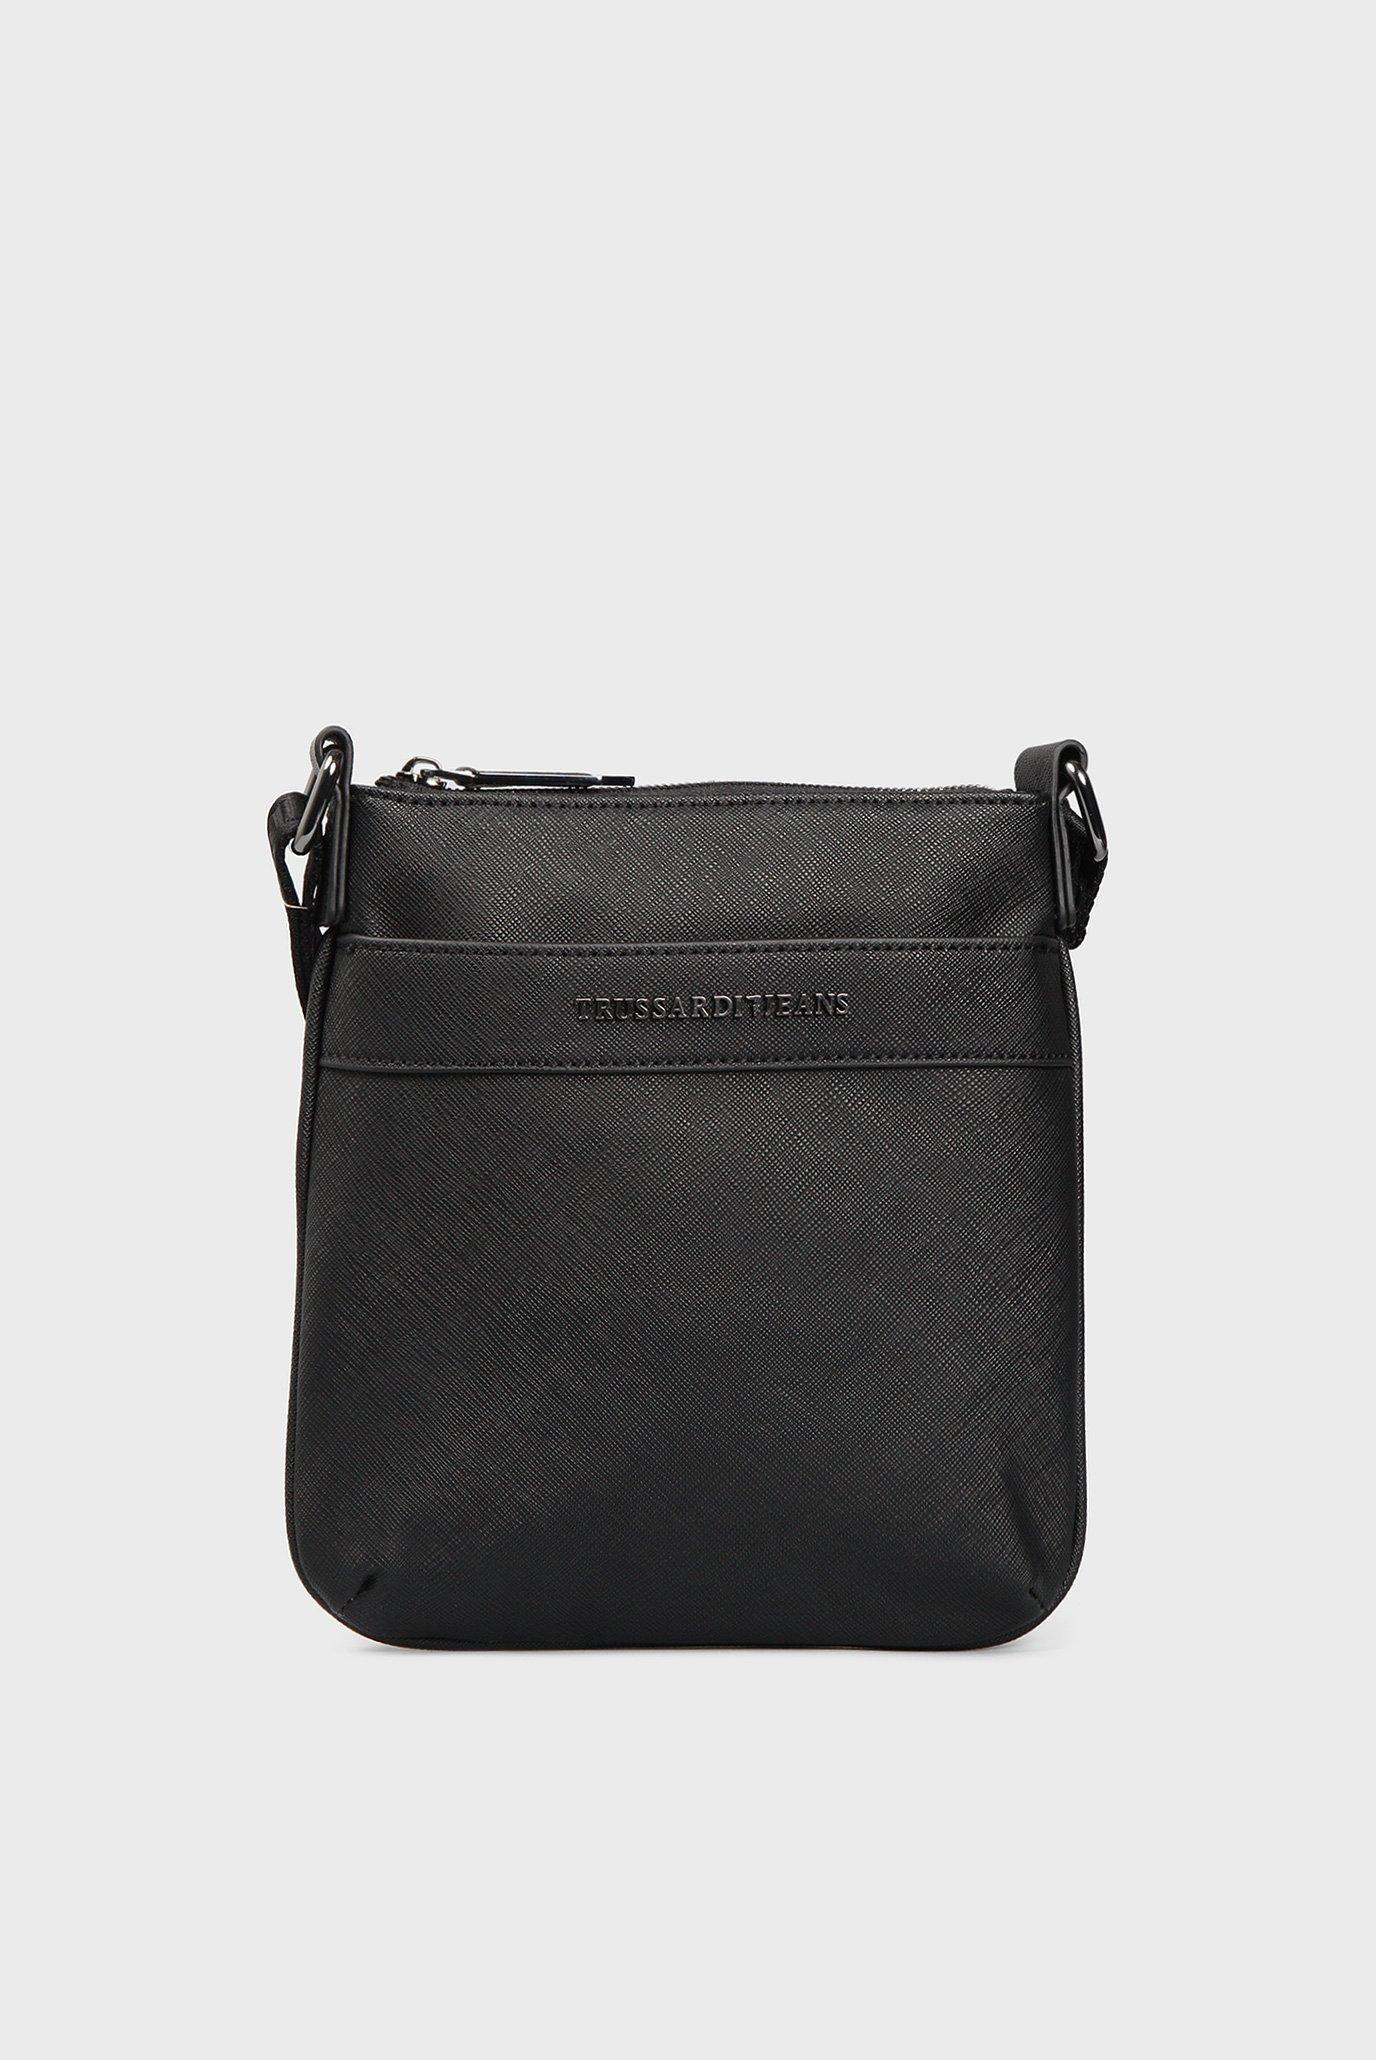 5d29288783f6 Купить Мужская черная сумка через плечо Trussardi Jeans Trussardi Jeans  1Y000058/71B00029 – Киев, Украина. Цены в ...